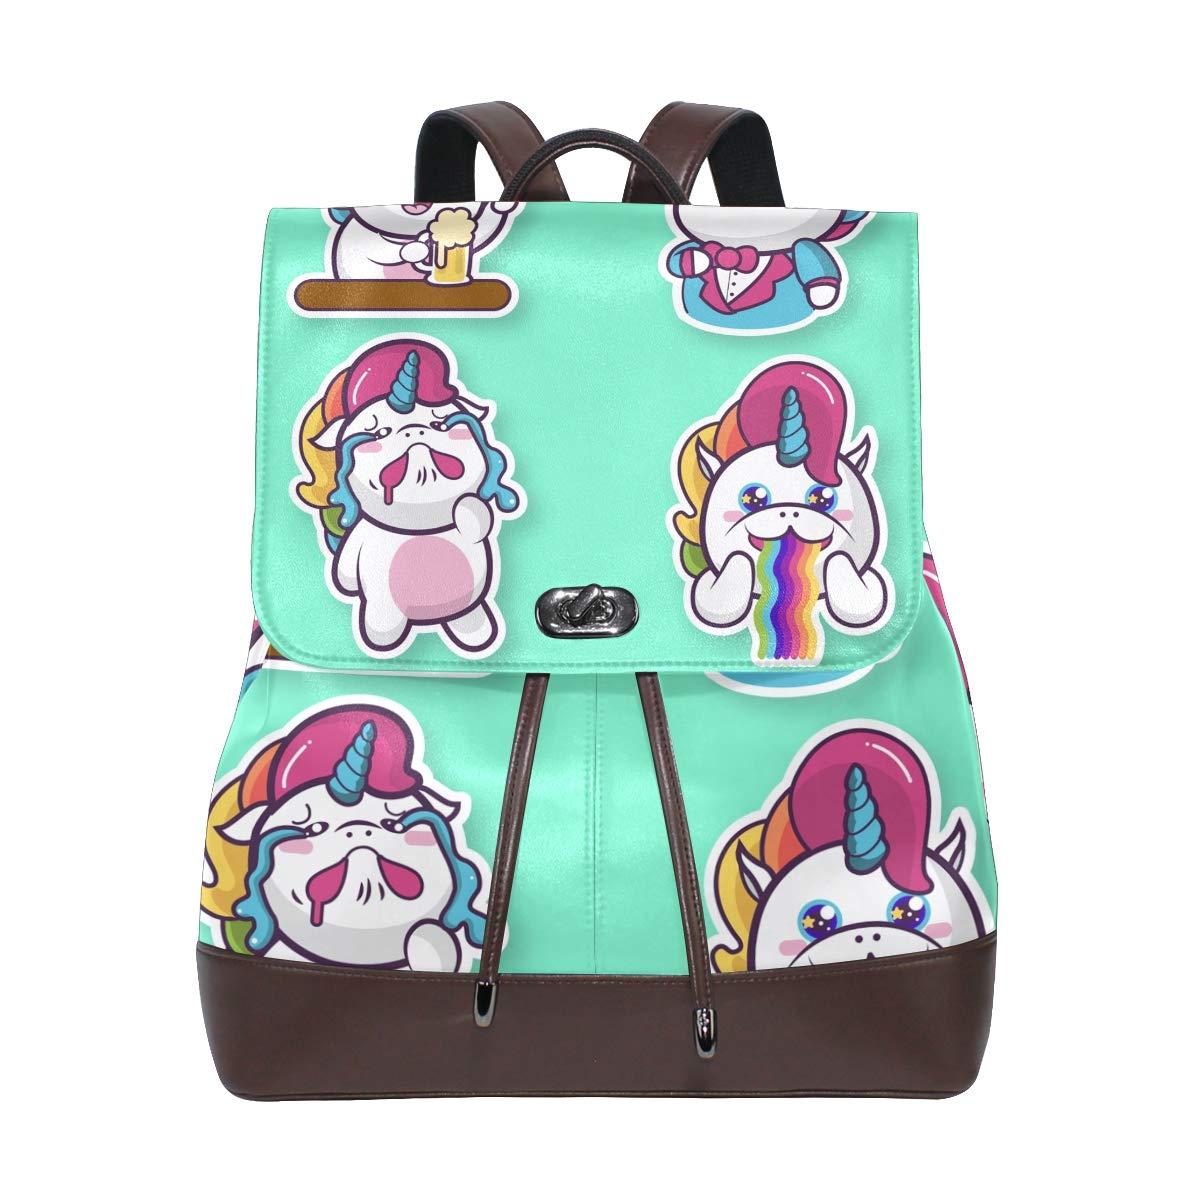 DEZIRO cuoio Unicorn cute Expression School Pack zaino borsa da viaggio